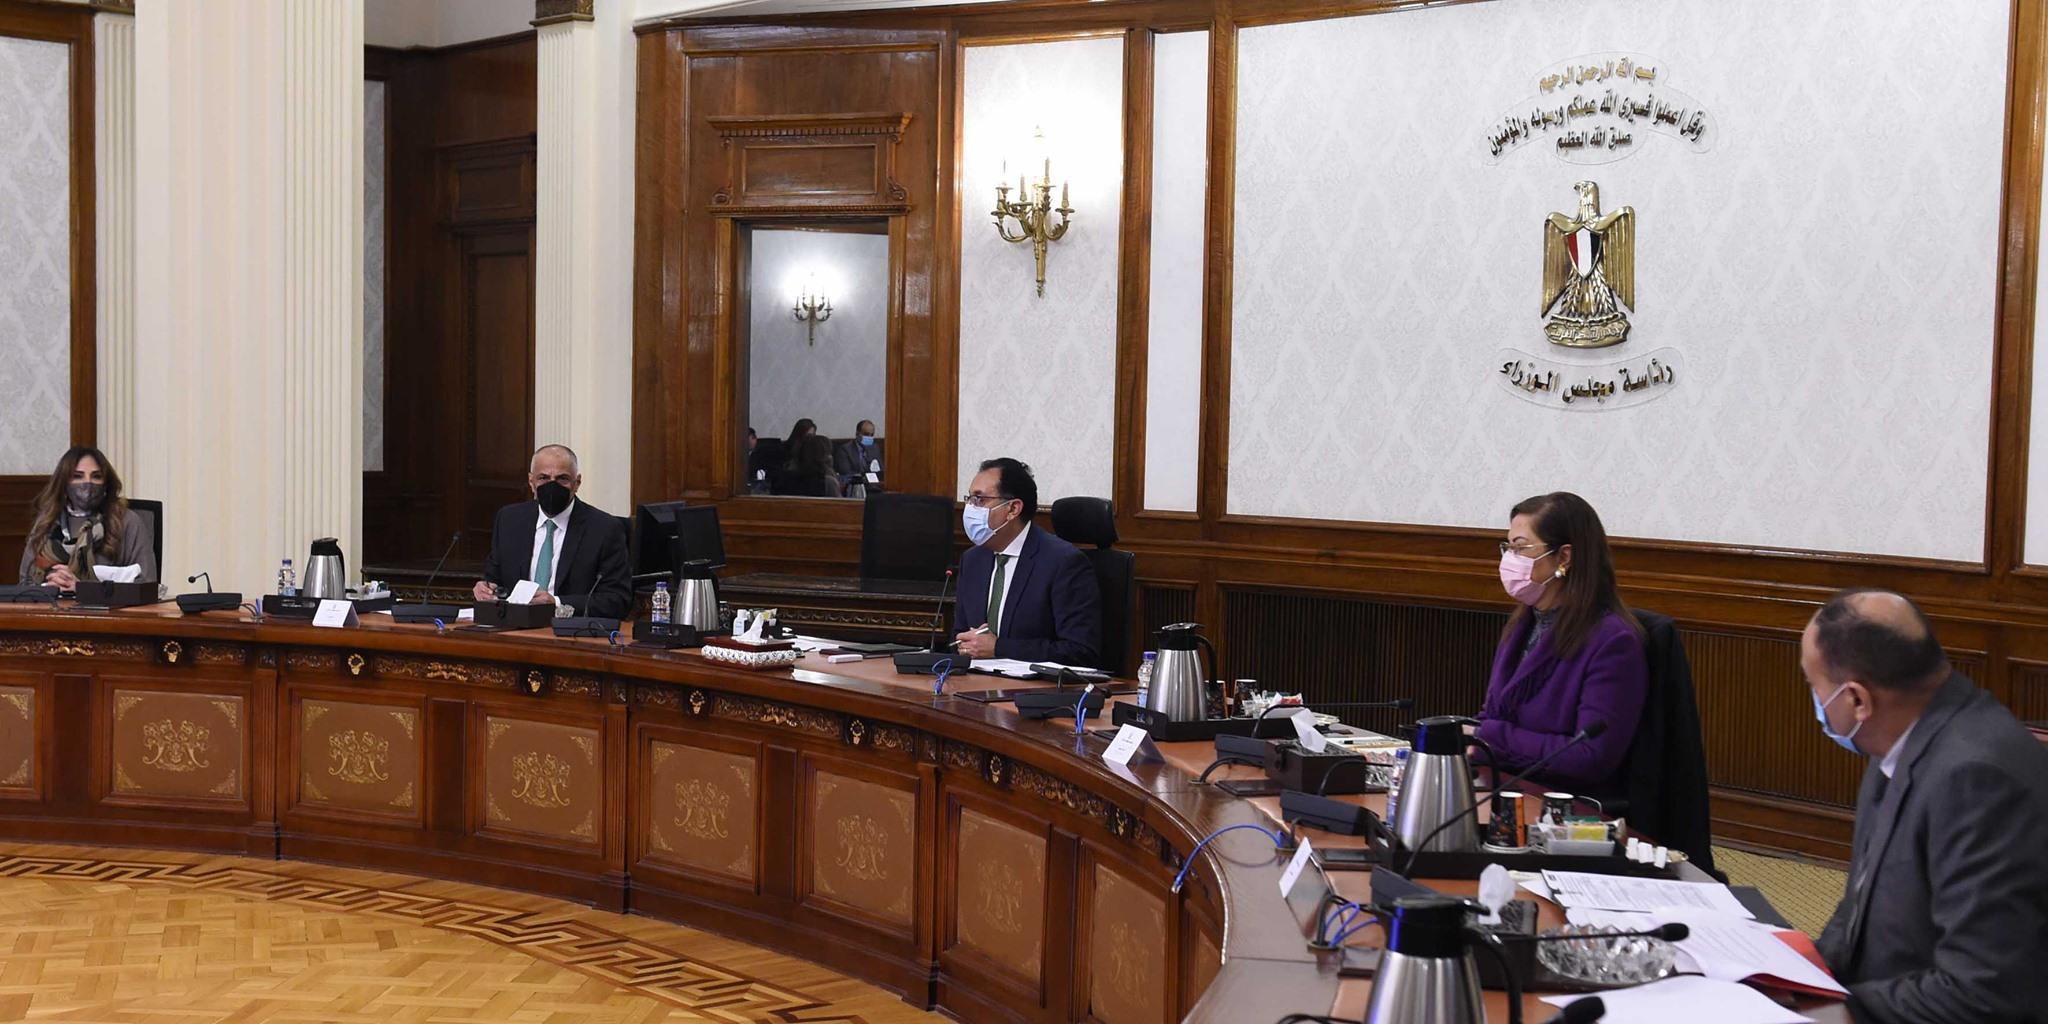 رئيس الوزراء يستعرض استراتيجية البنك المركزي للأمن السيبراني وخدمات الدفع والتحصيل الإلكتروني